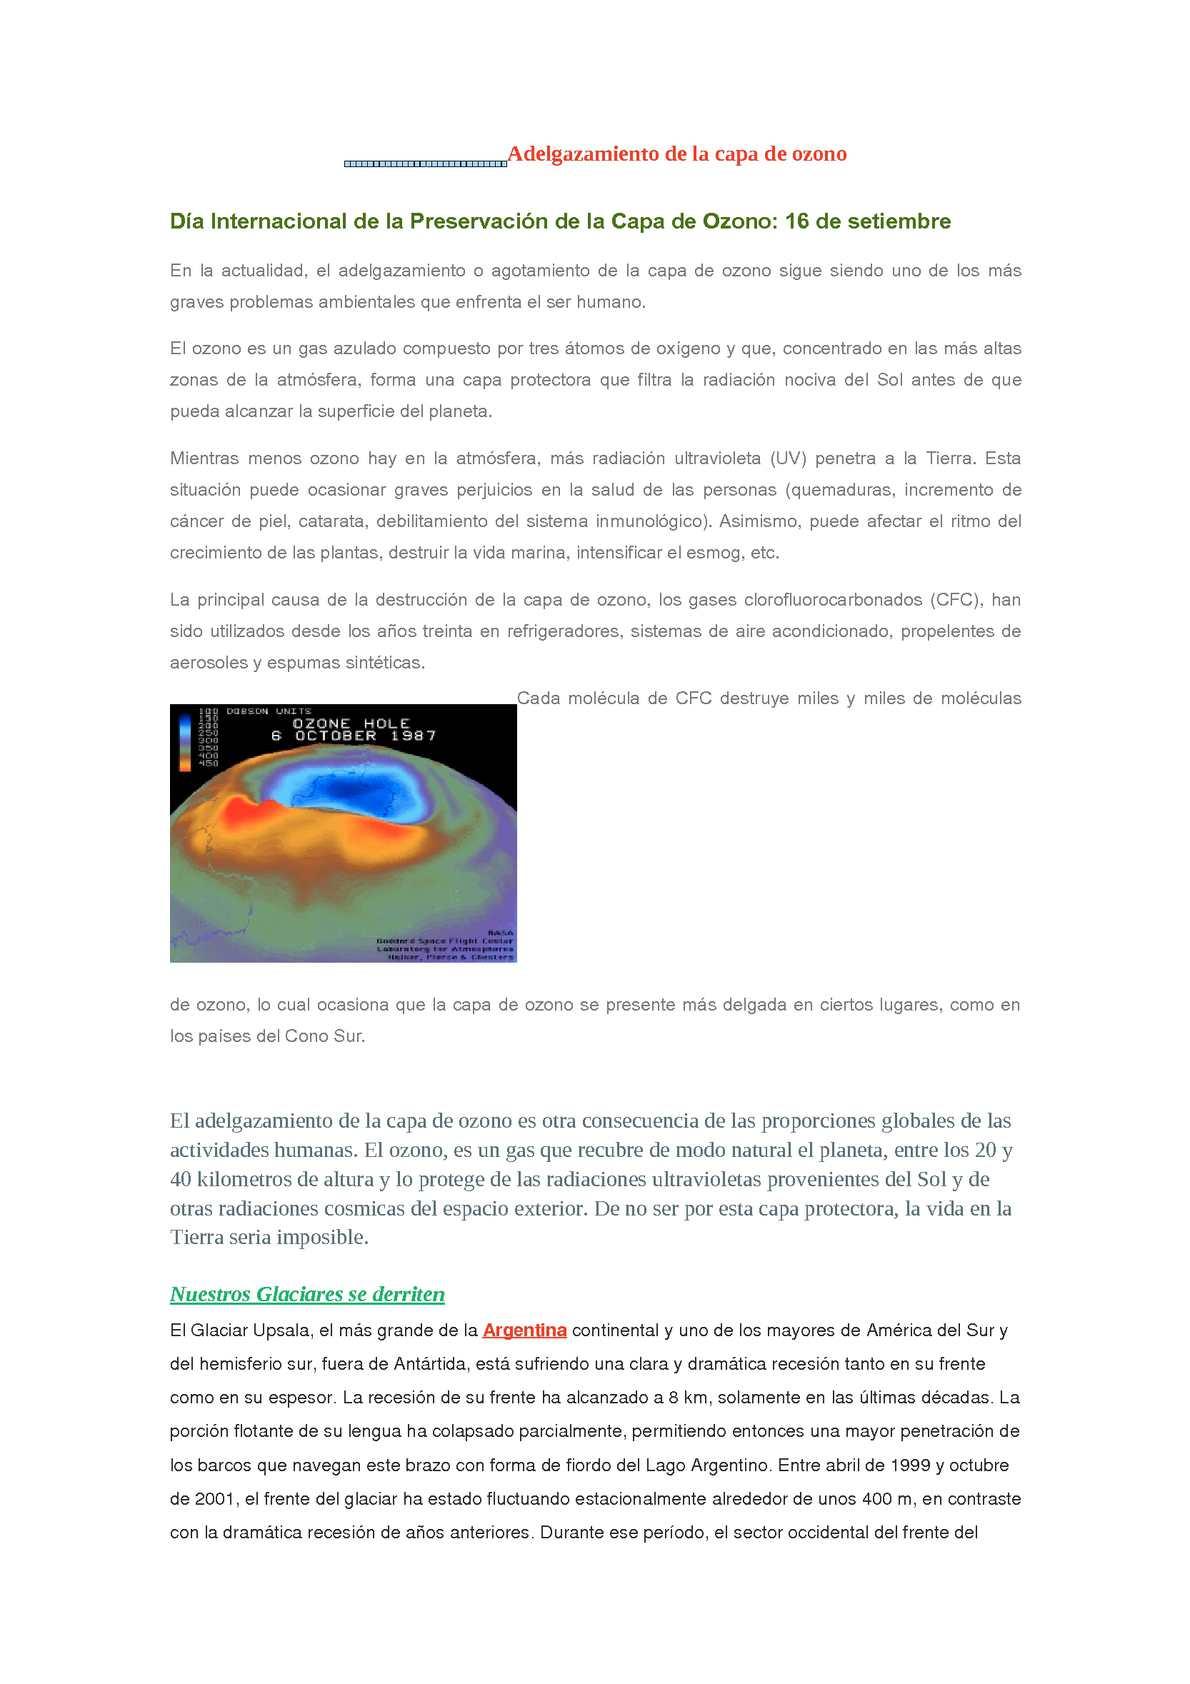 el adelgazamiento de la capa de ozono es ocasionado por